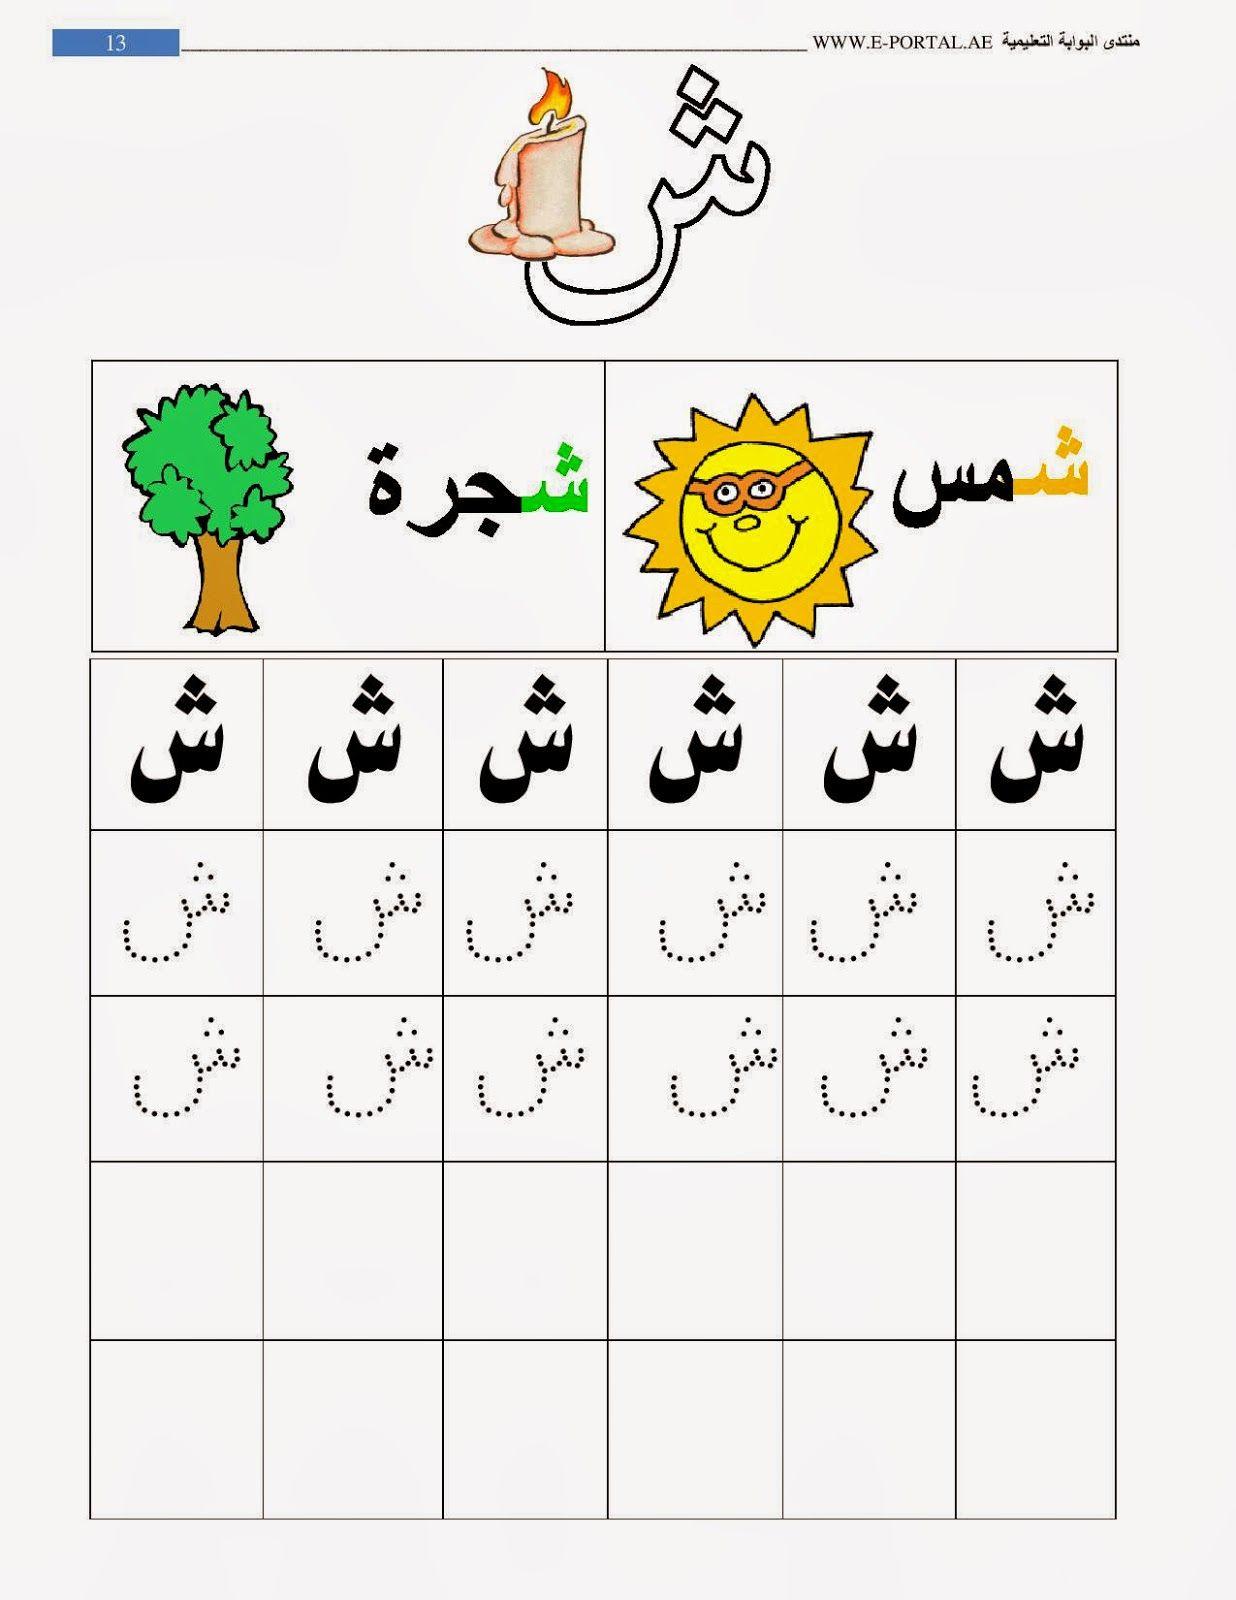 روضة العلم للاطفال كراسة حروف الهجاء Arabic Alphabet Learn Arabic Alphabet Arabic Kids